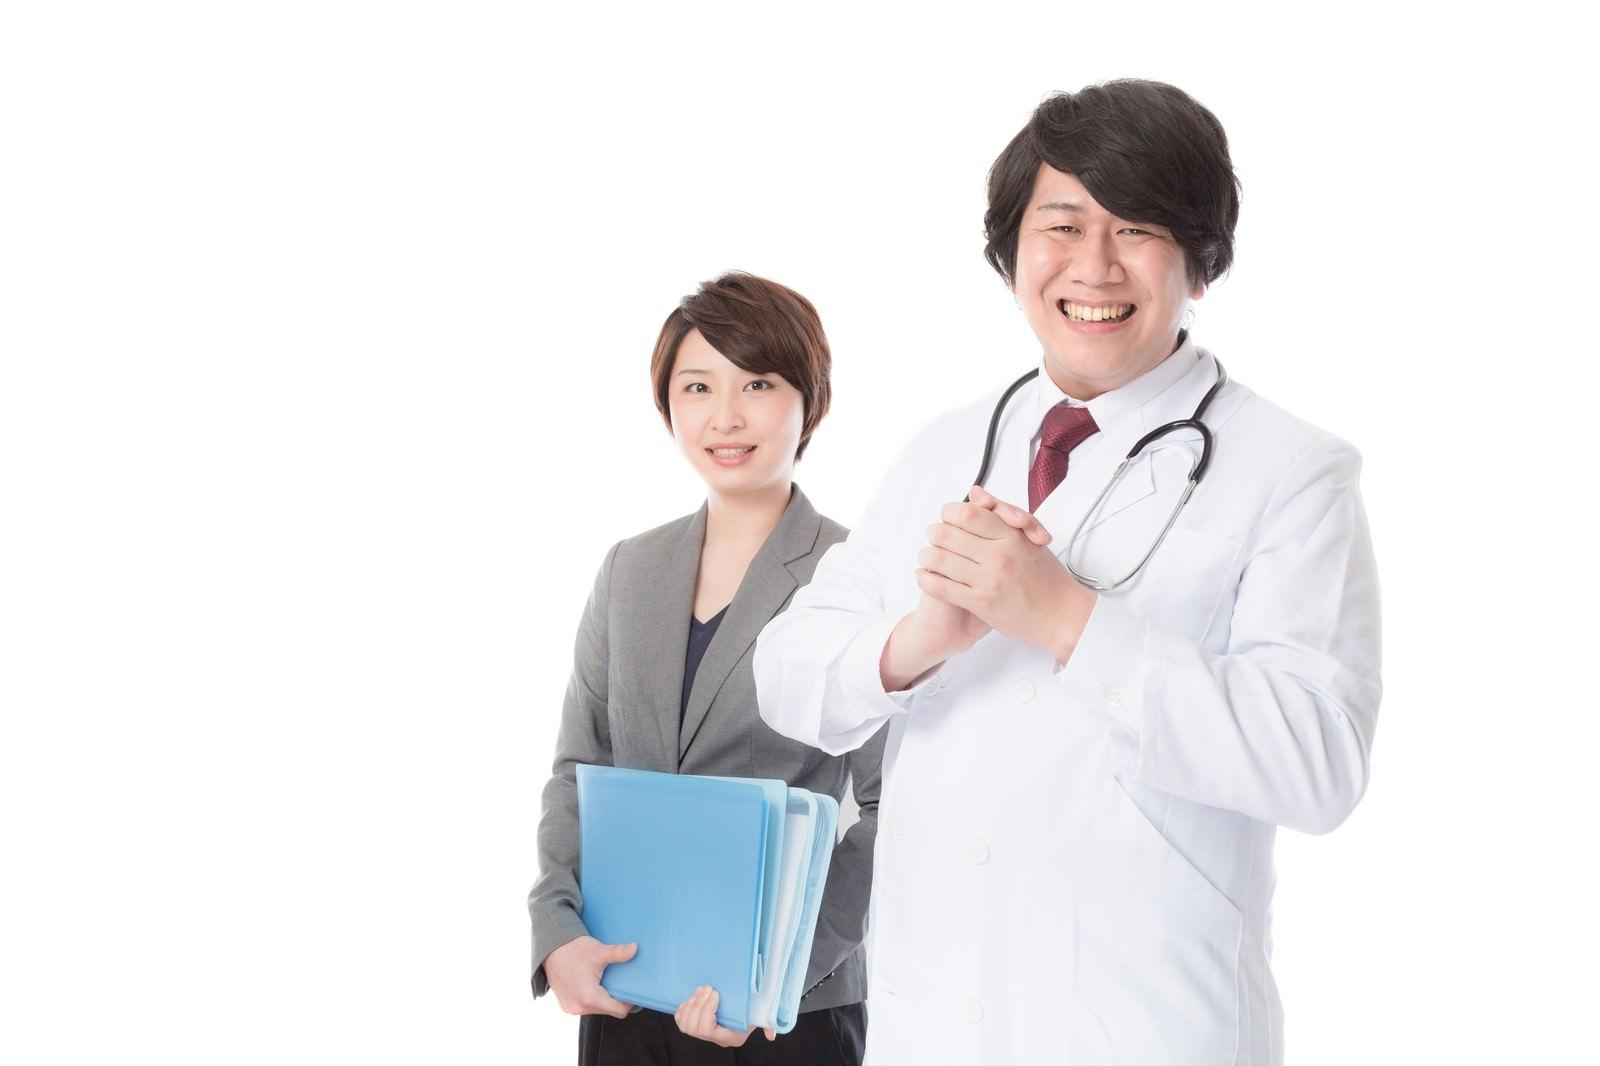 「病気の予防・治療のため医療機器を提案する営業担当病気の予防・治療のため医療機器を提案する営業担当」[モデル:八木彩香 朽木誠一郎]のフリー写真素材を拡大